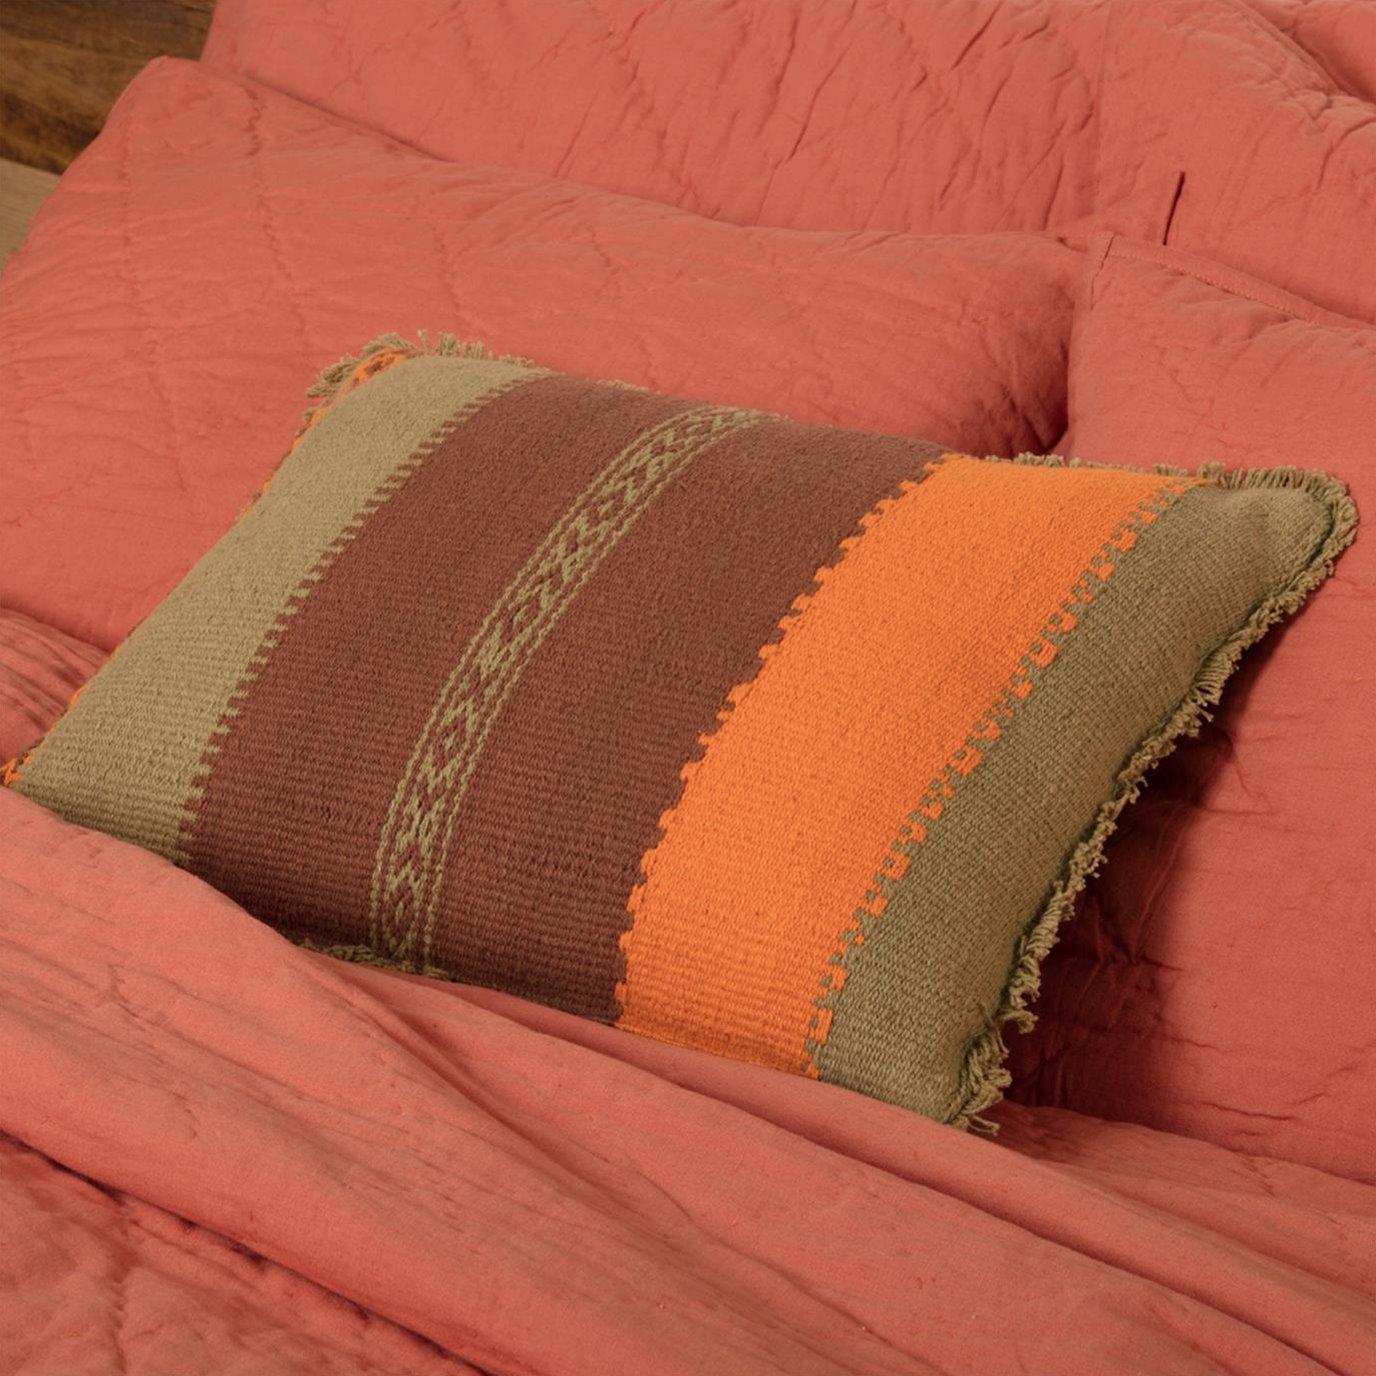 Heather Jacquard Pillow 14x18